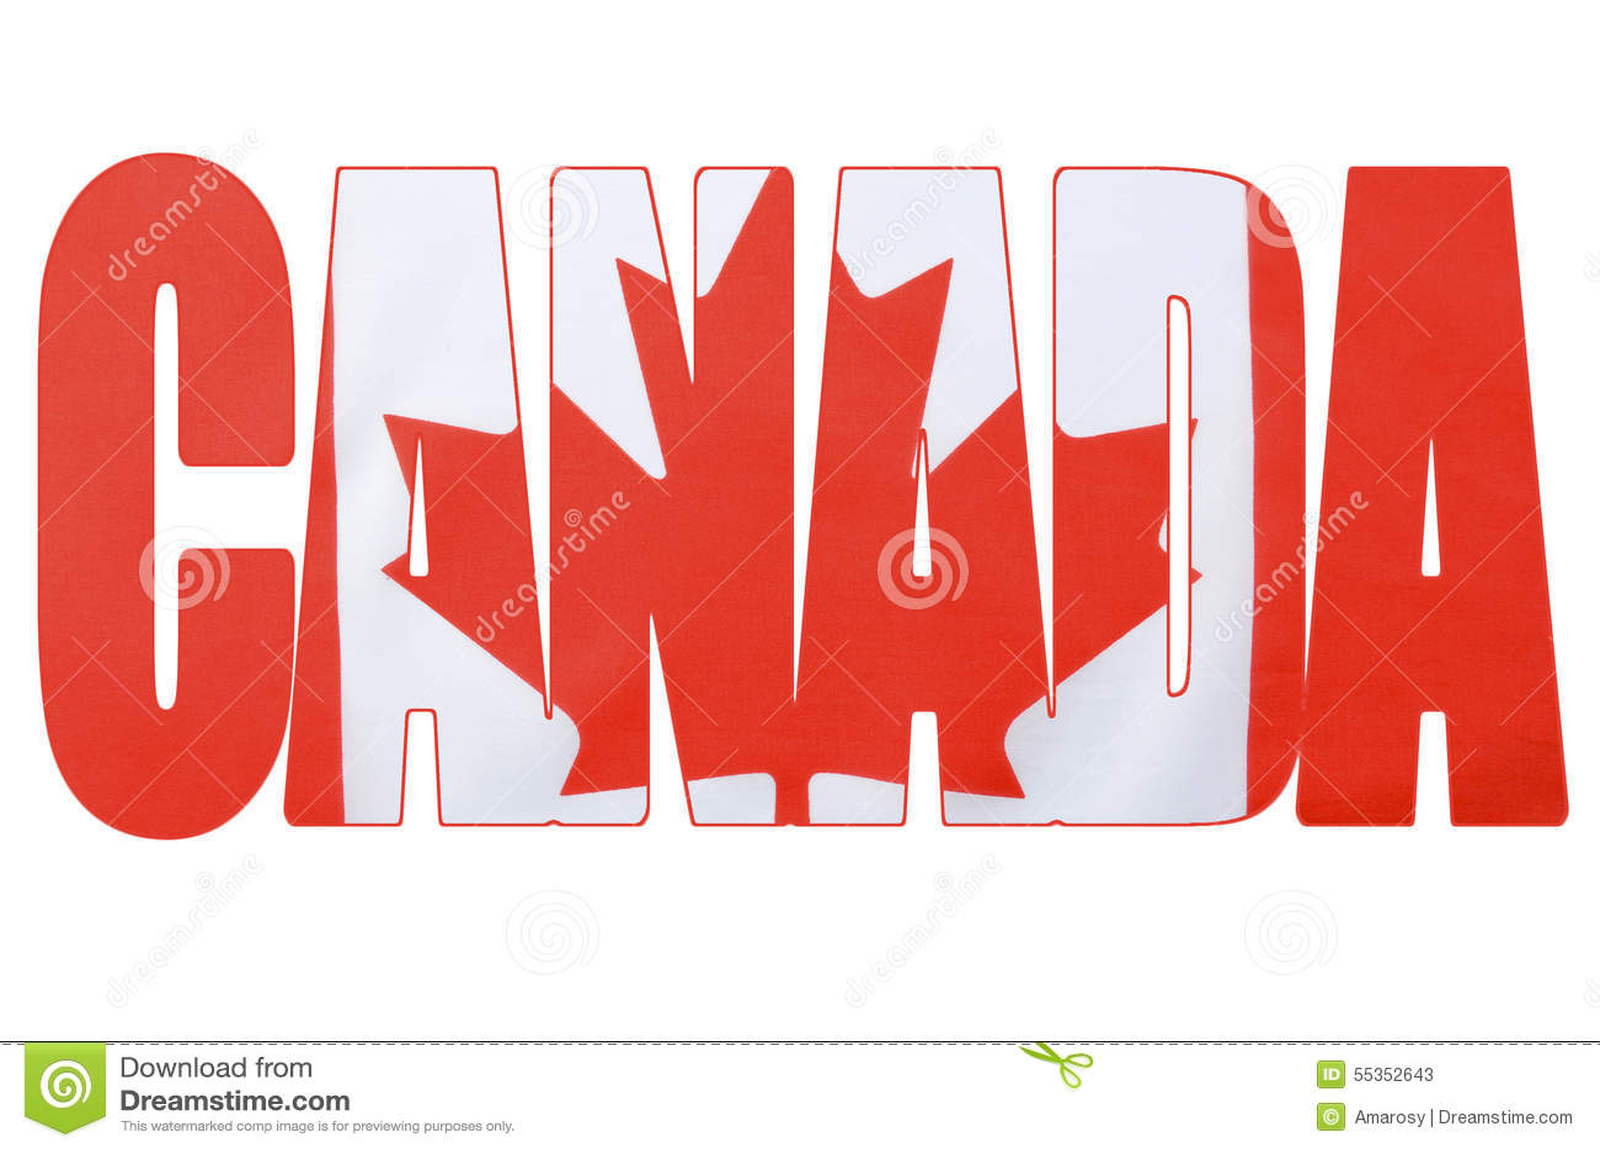 Bandera Canadiense En El Esquema De La Palabra, Canadá Imagen de ...